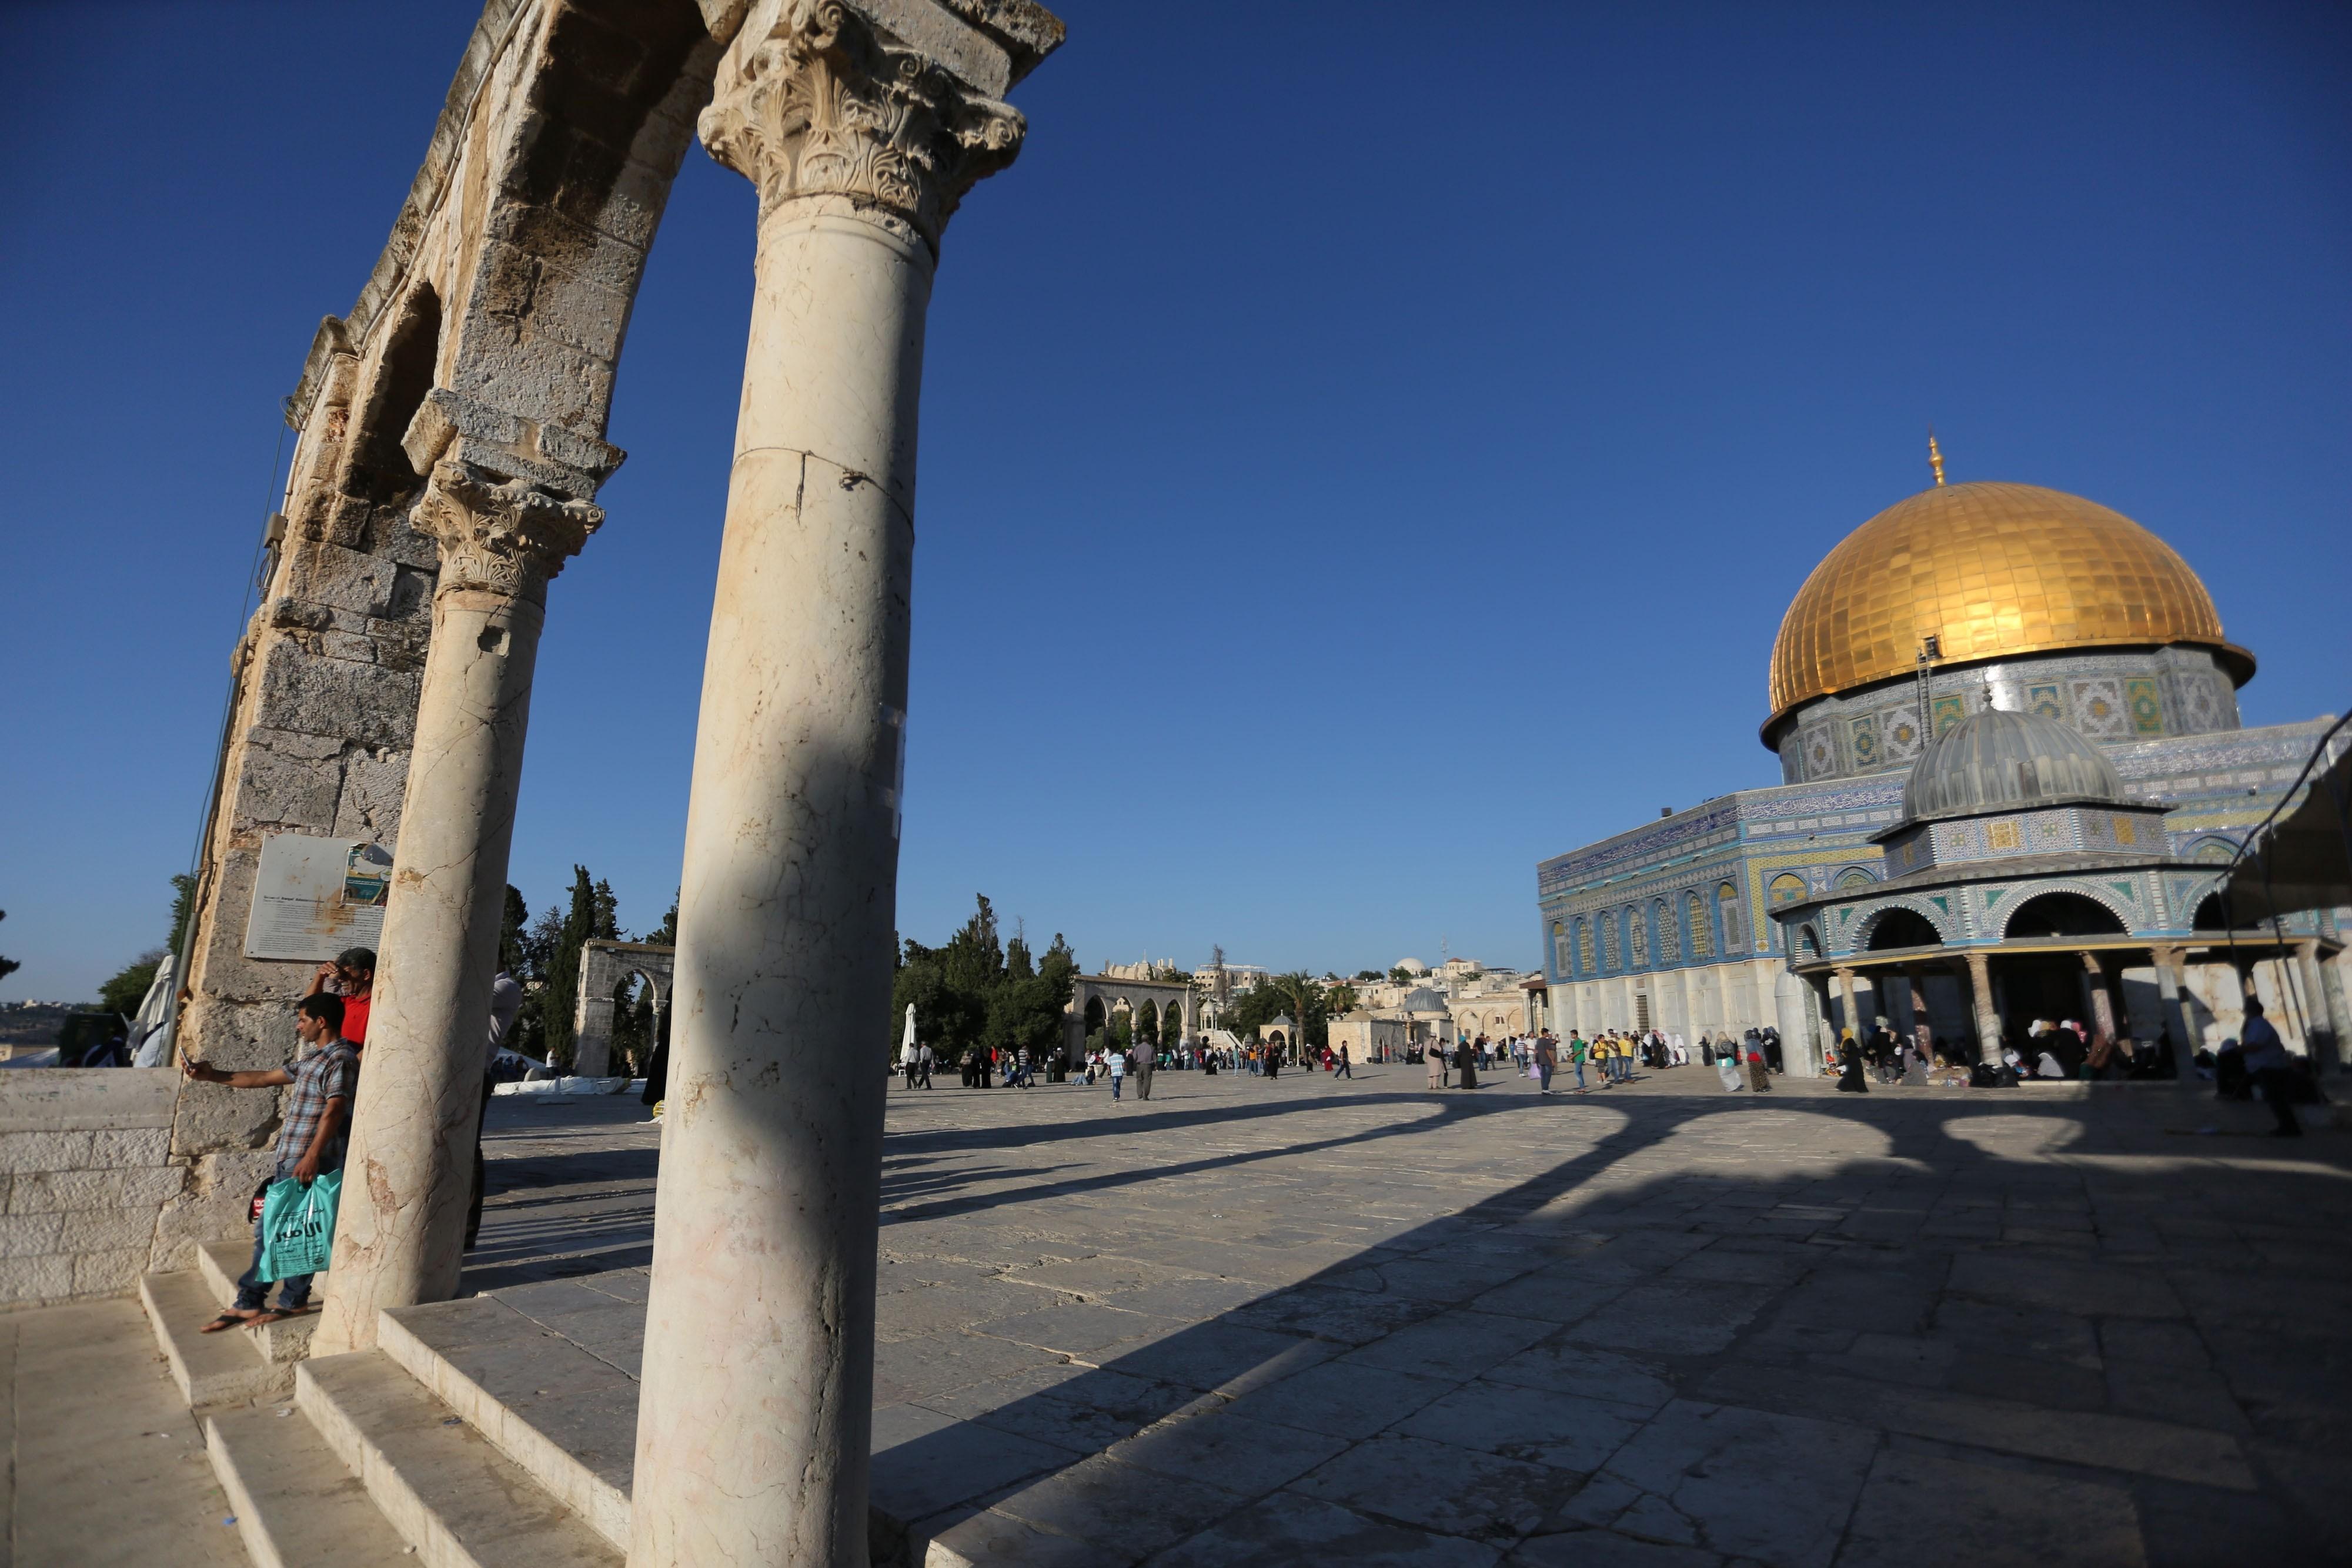 آلاف الفلسطينيين يتوجون إلى الأقصى لصلاة الجمعة الأخيرة في رمضان